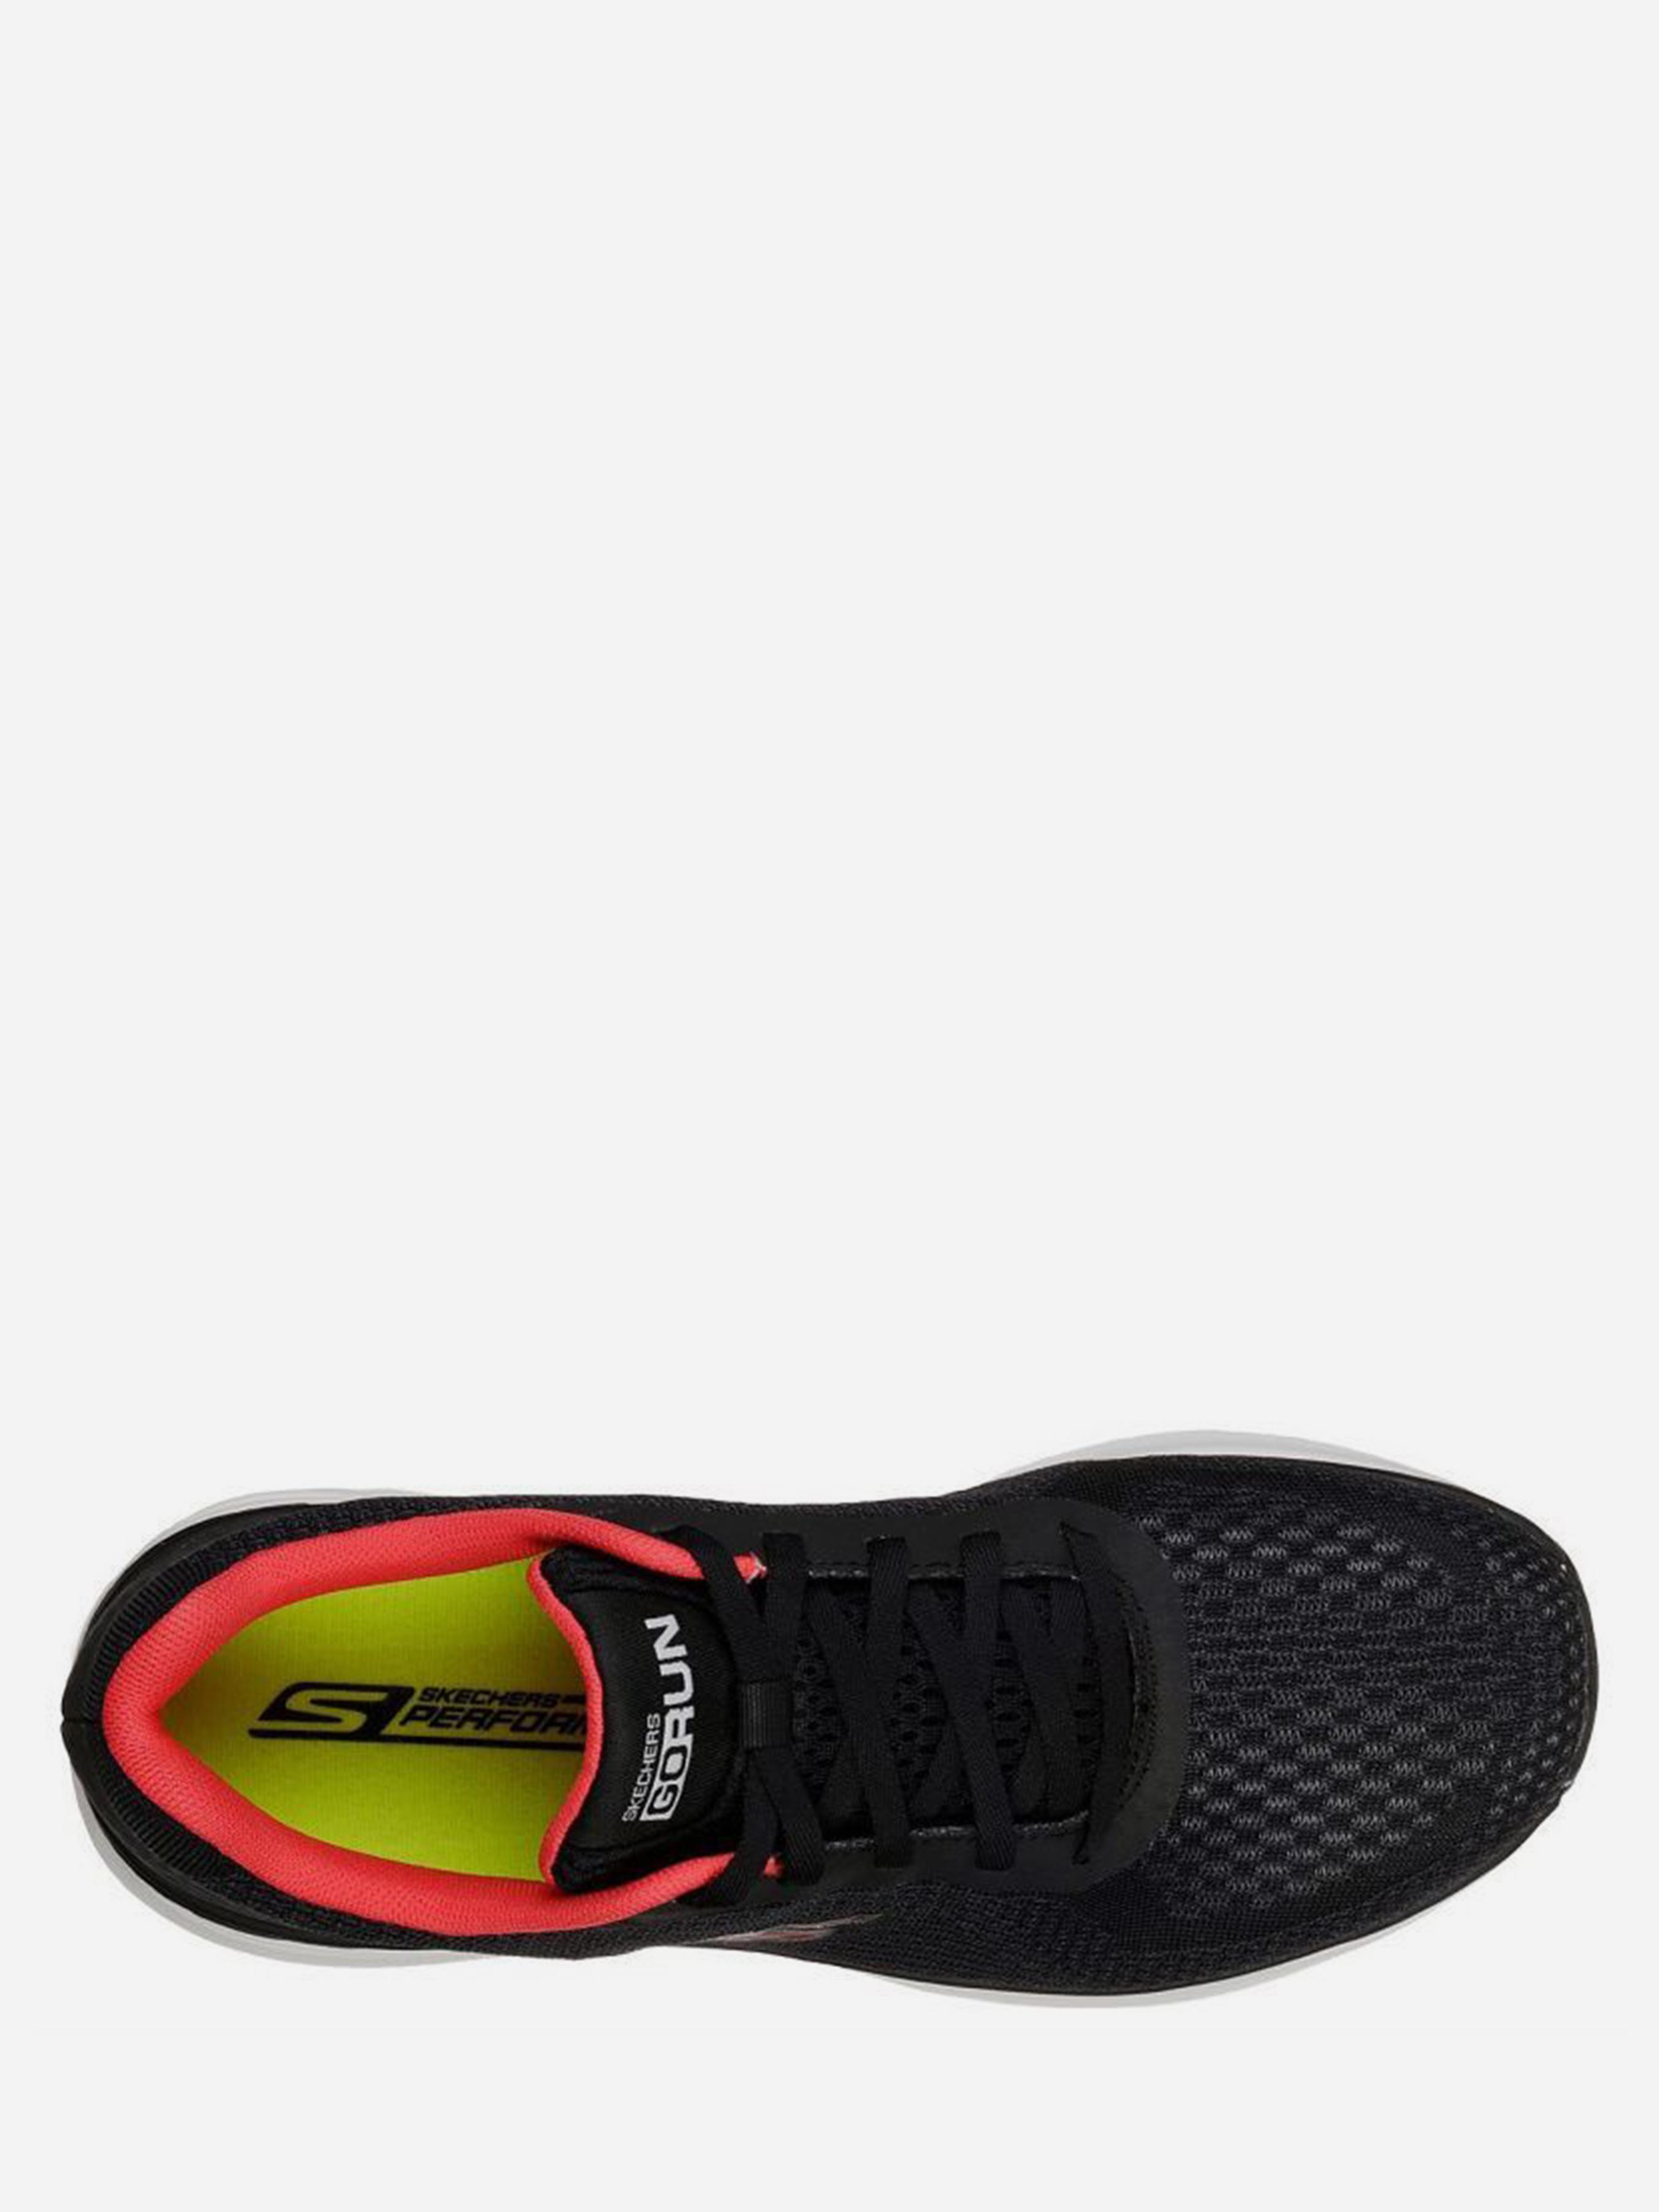 Кросівки  для жінок Skechers 15216 BKHP 15216 BKHP купити в Iнтертоп, 2017